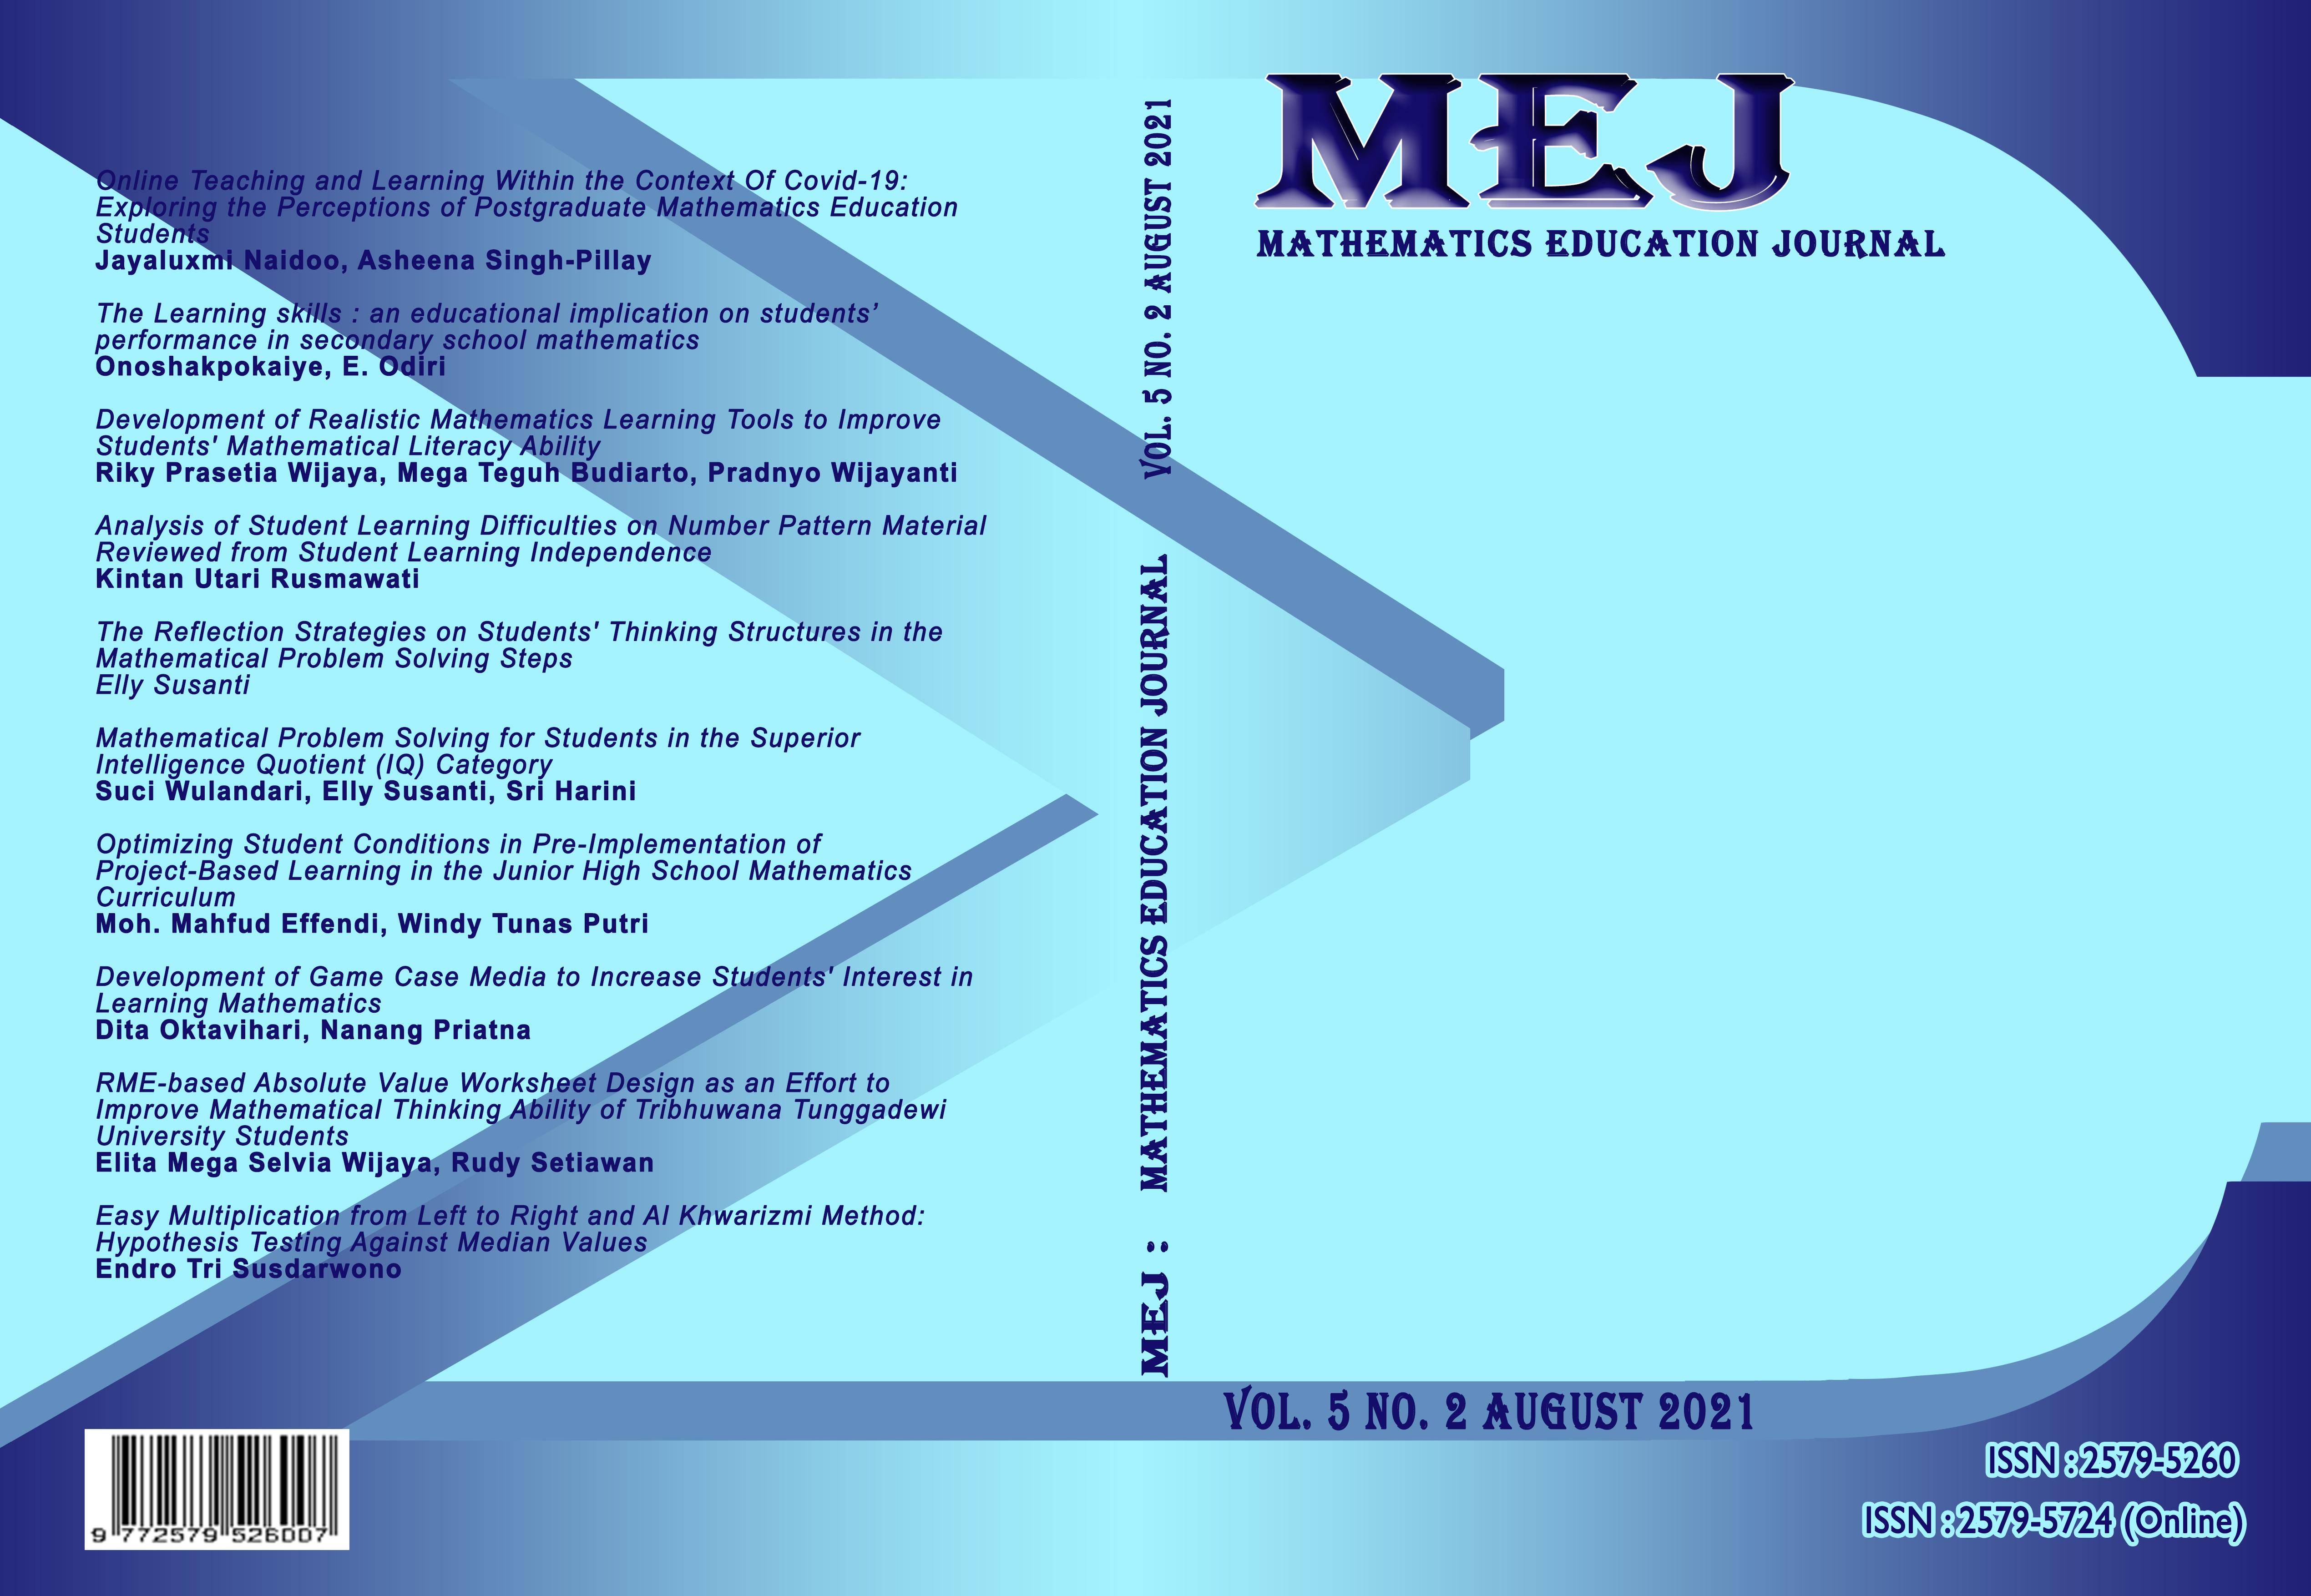 View Vol. 5 No. 2 (2021): MEJ Vol 5 No.2